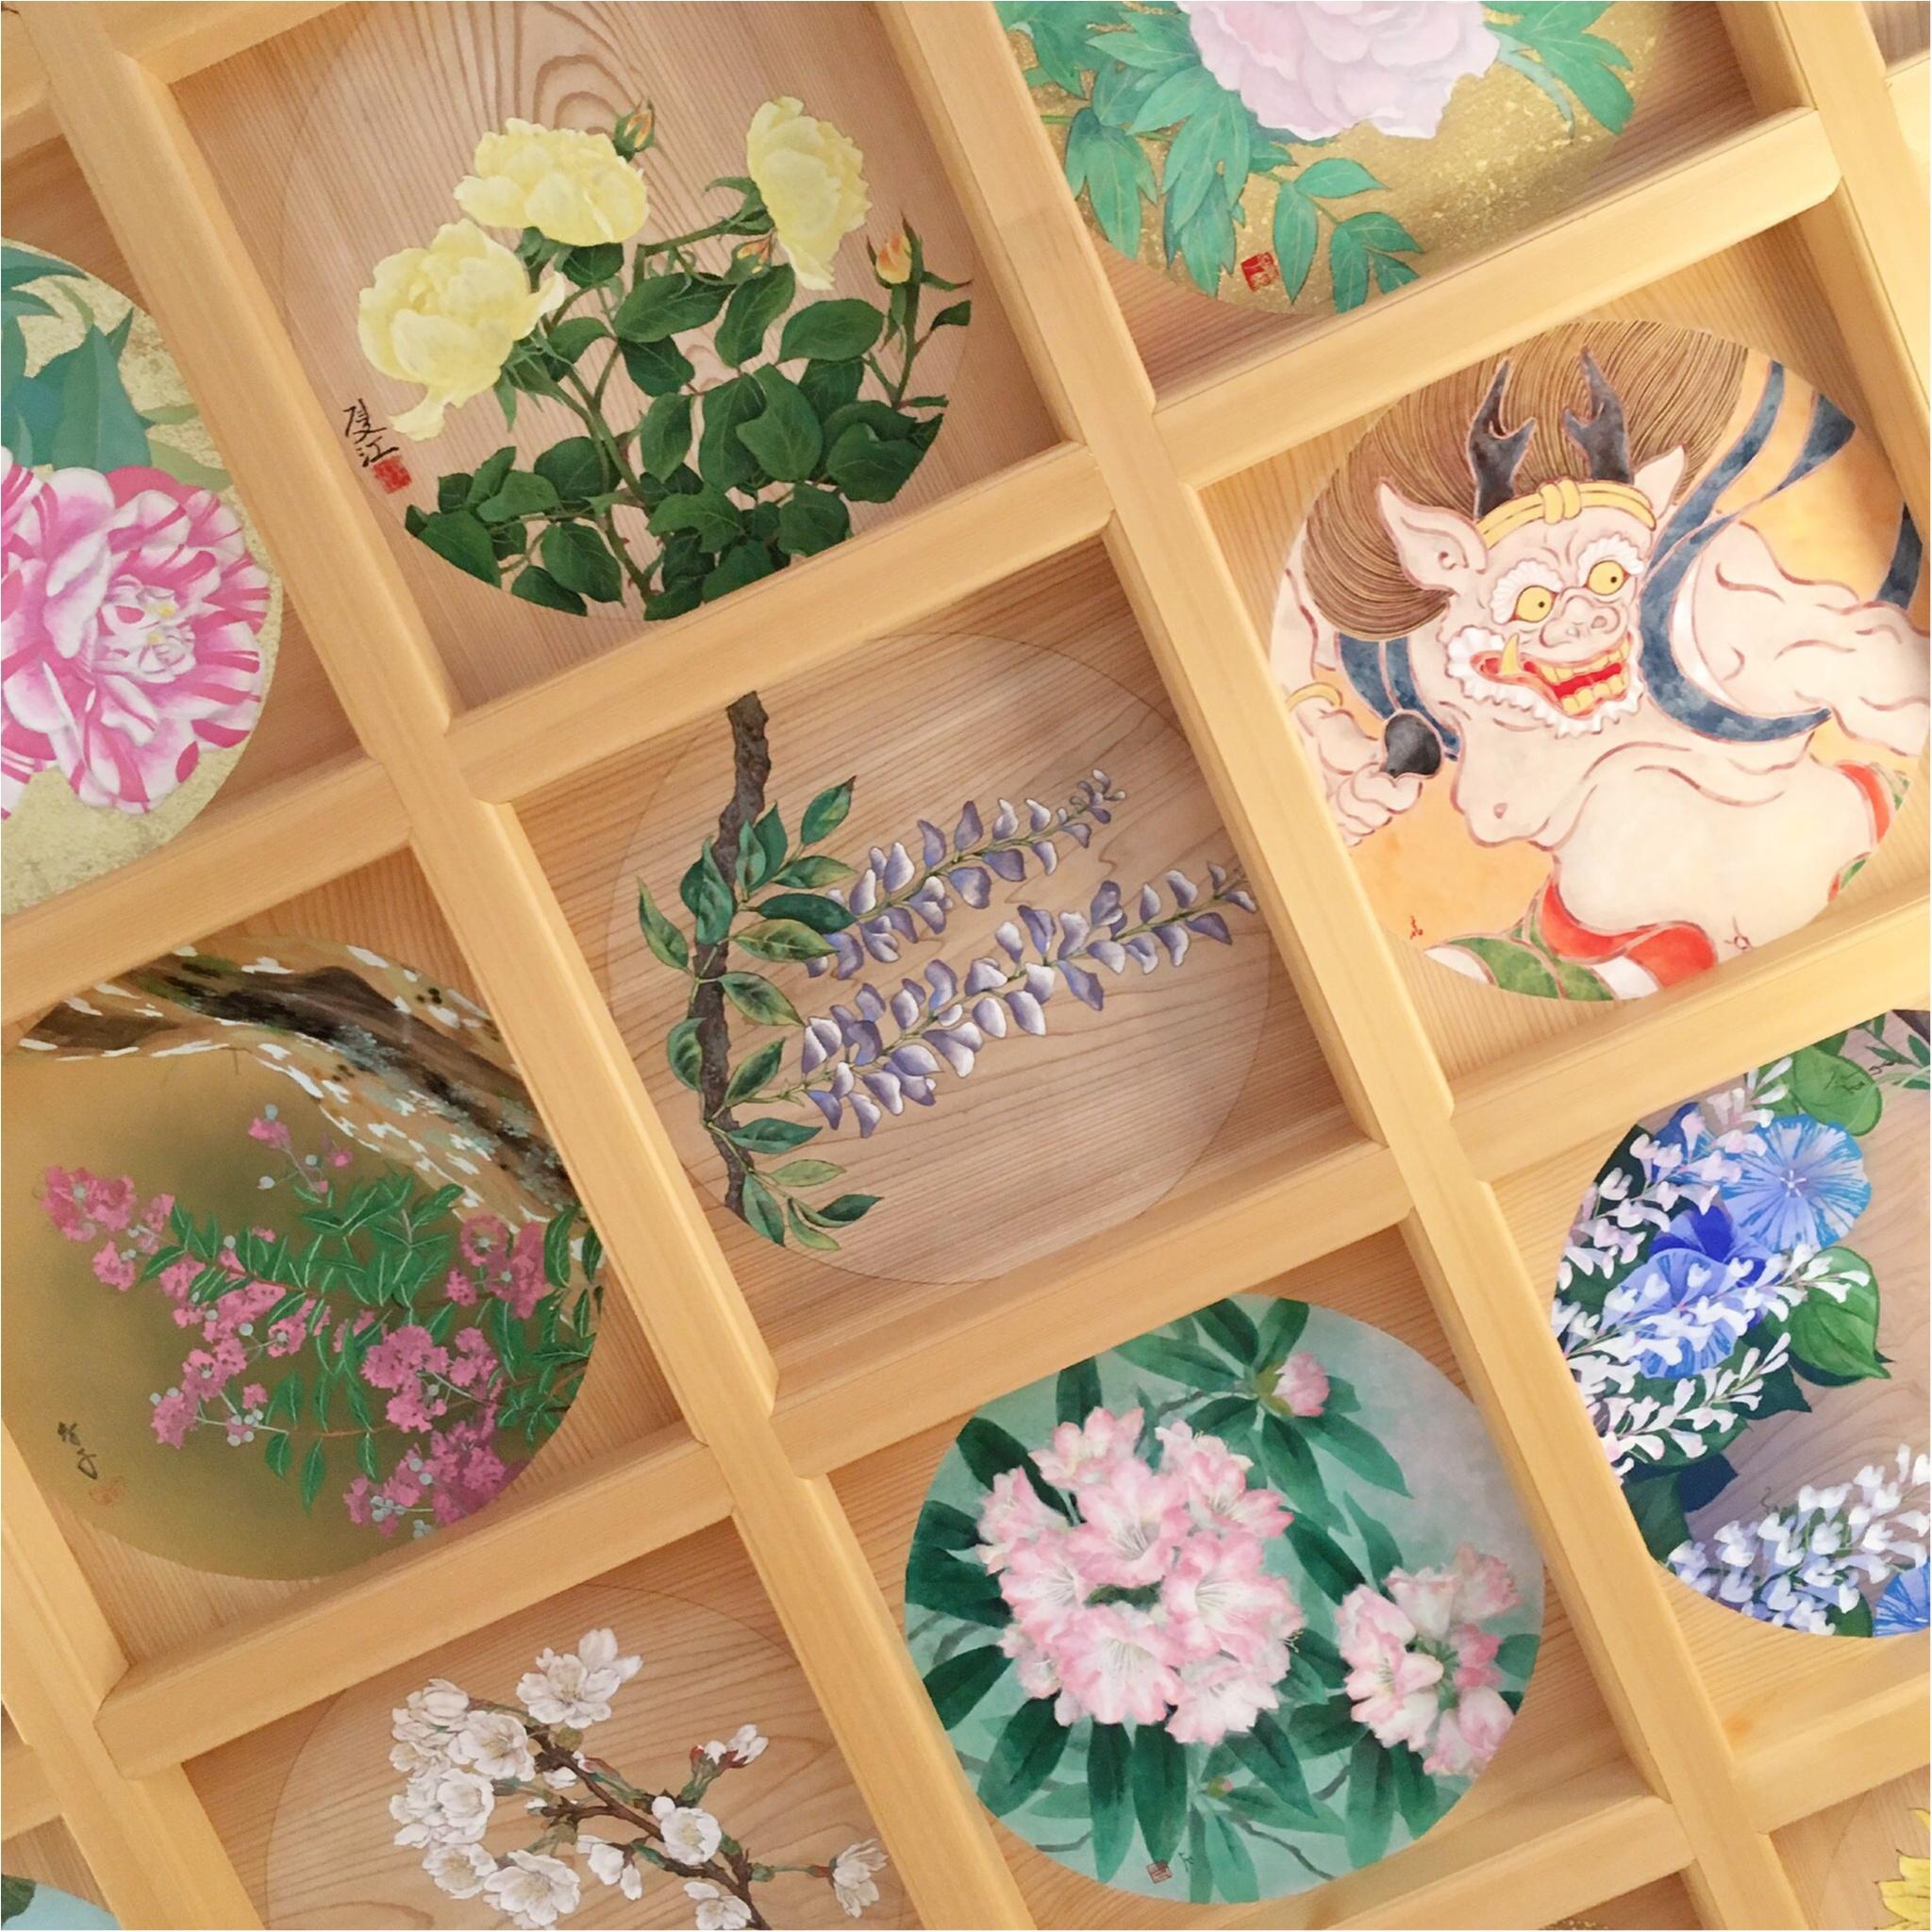 【フォトジェニックすぎる寺院】京都『正寿院』の魅力を紹介しちゃいます♡_7